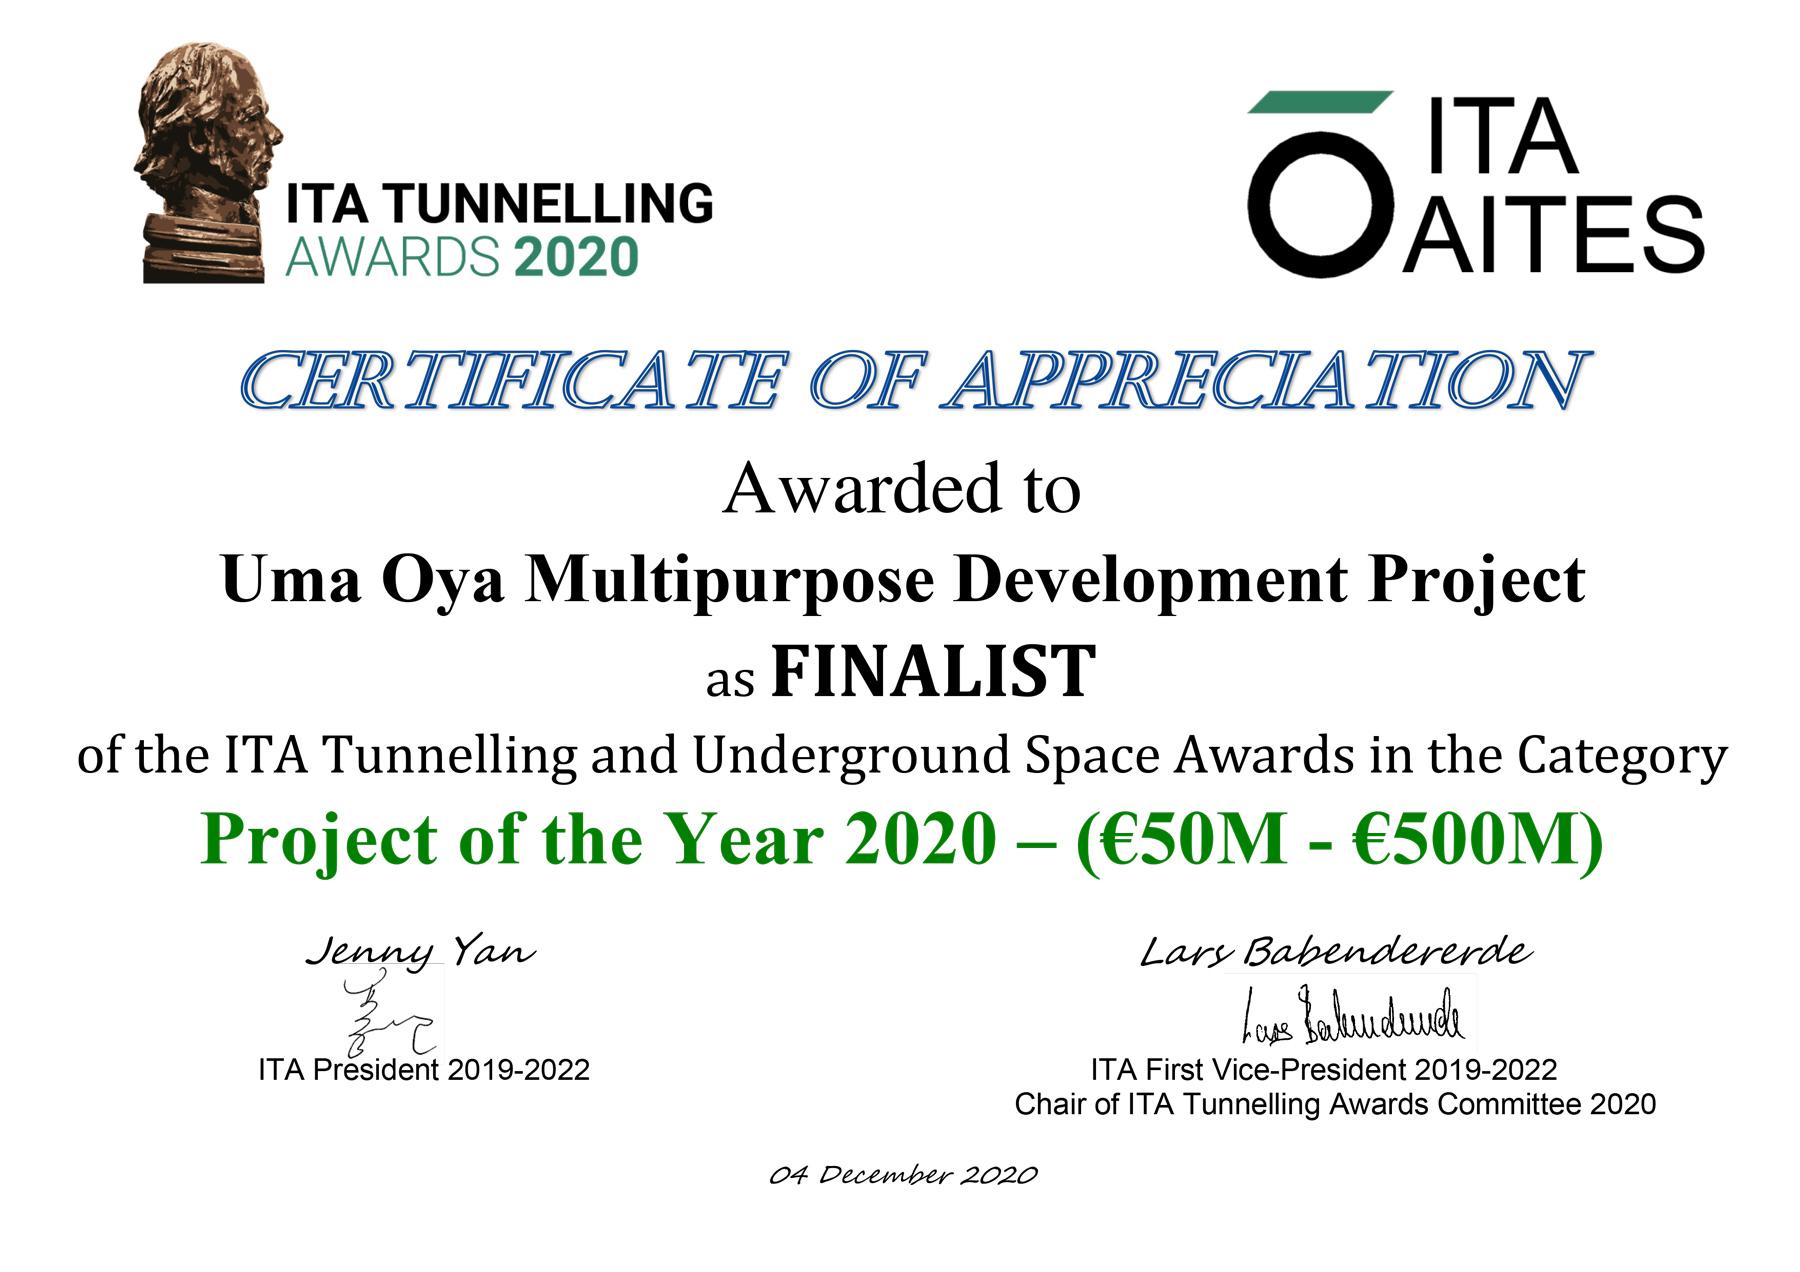 پروژه چندمنظوره اومااویا در بین چهار پروژه منتخب تونلسازی جهان در سال 2020 قرار گرفت